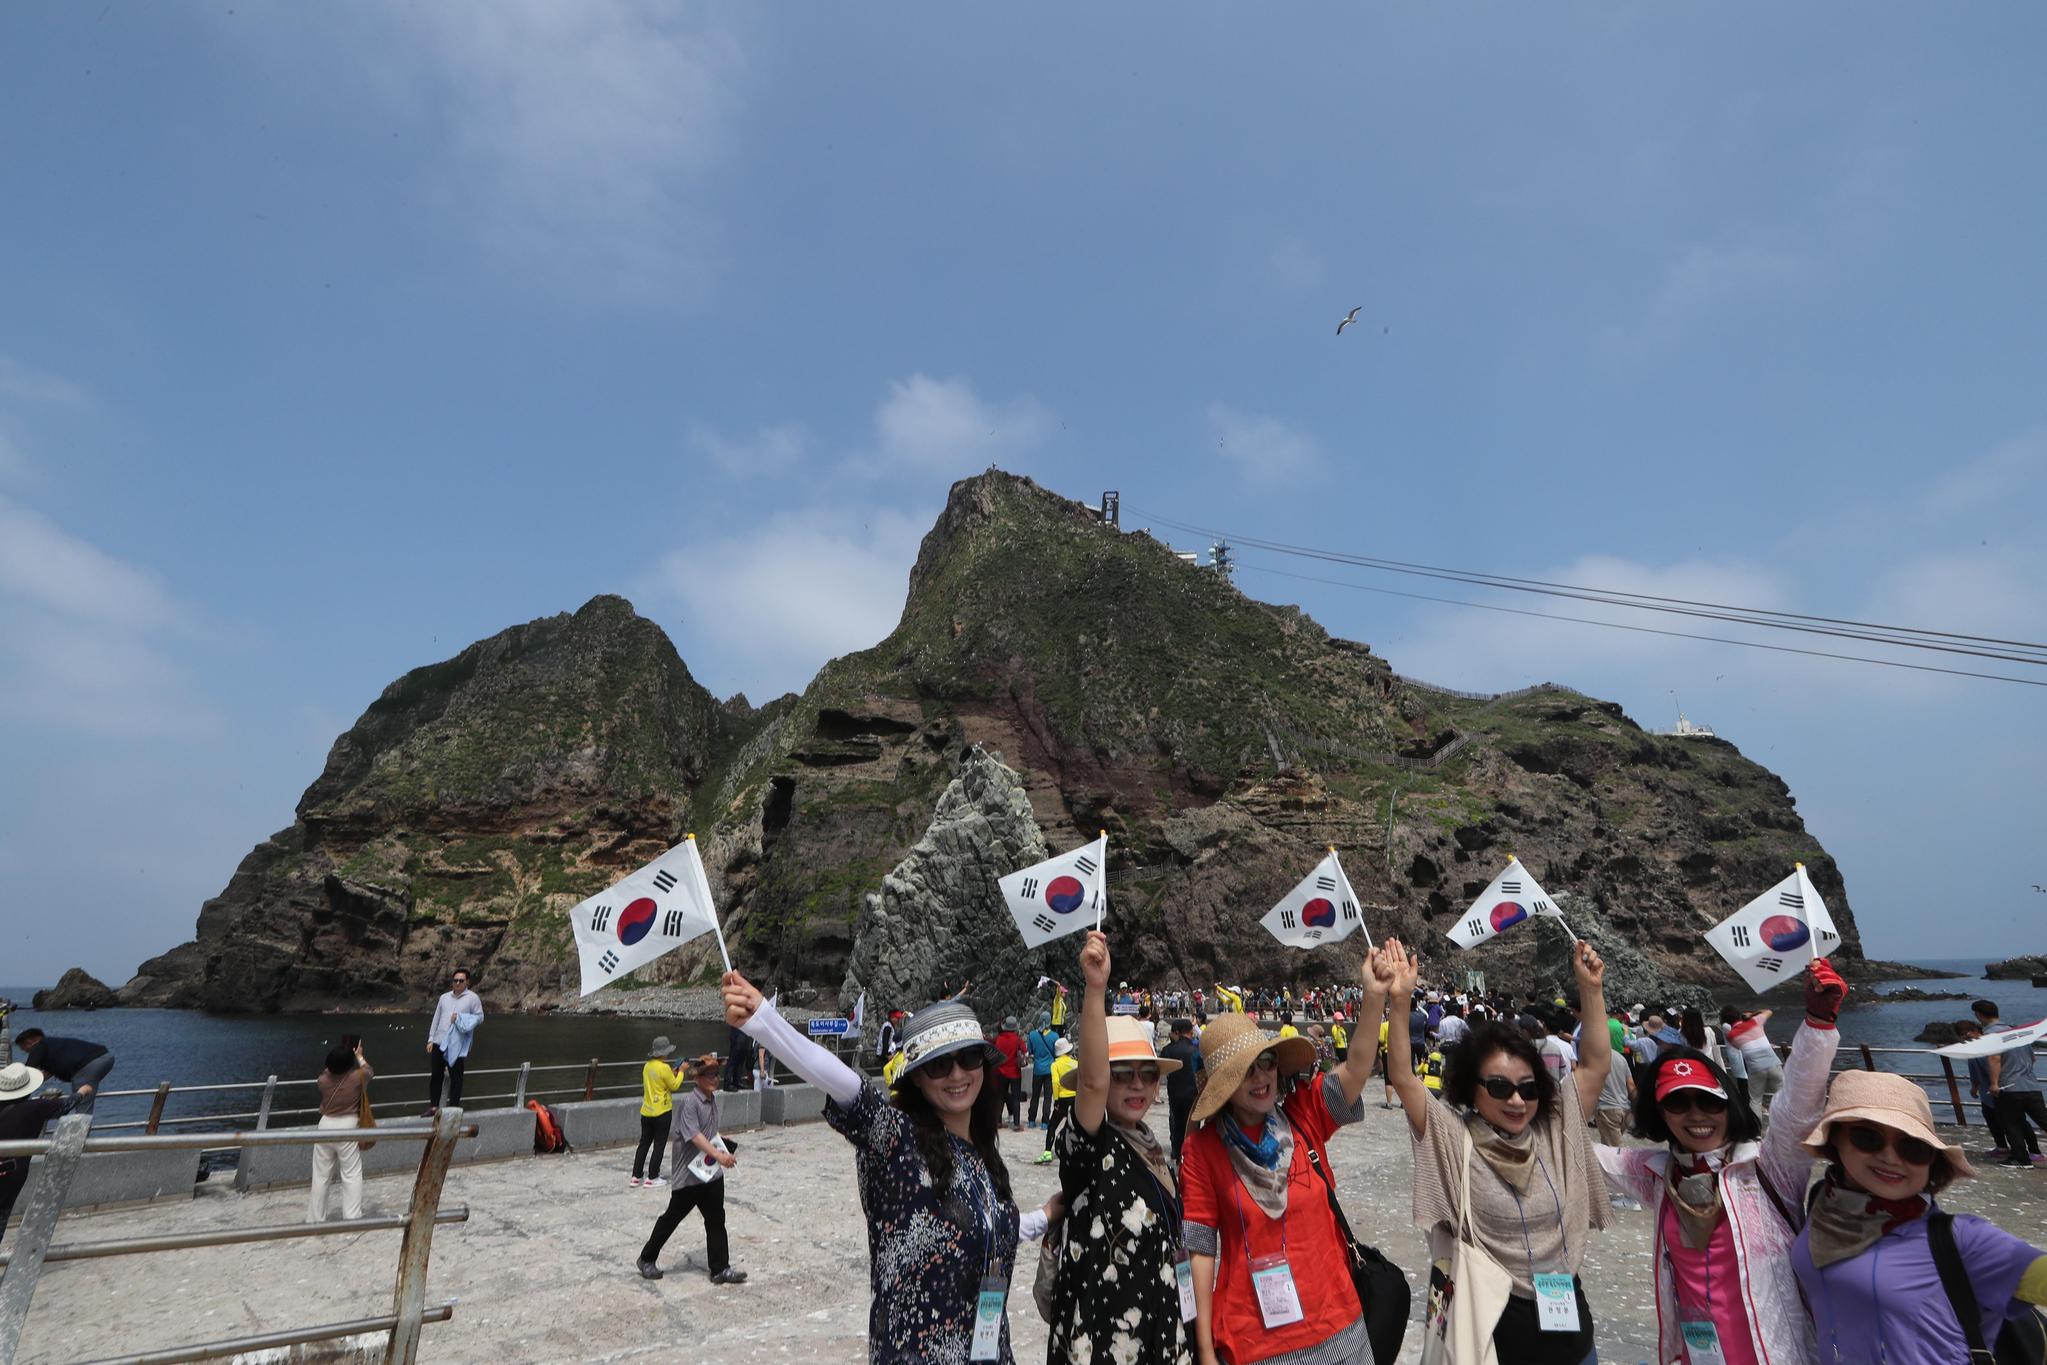 4일 오후 독도를 찾은 관광객들이 동도를 배경으로 태극기를 흔들며 기념사진을 찍고 있다. 독도=최승식 기자